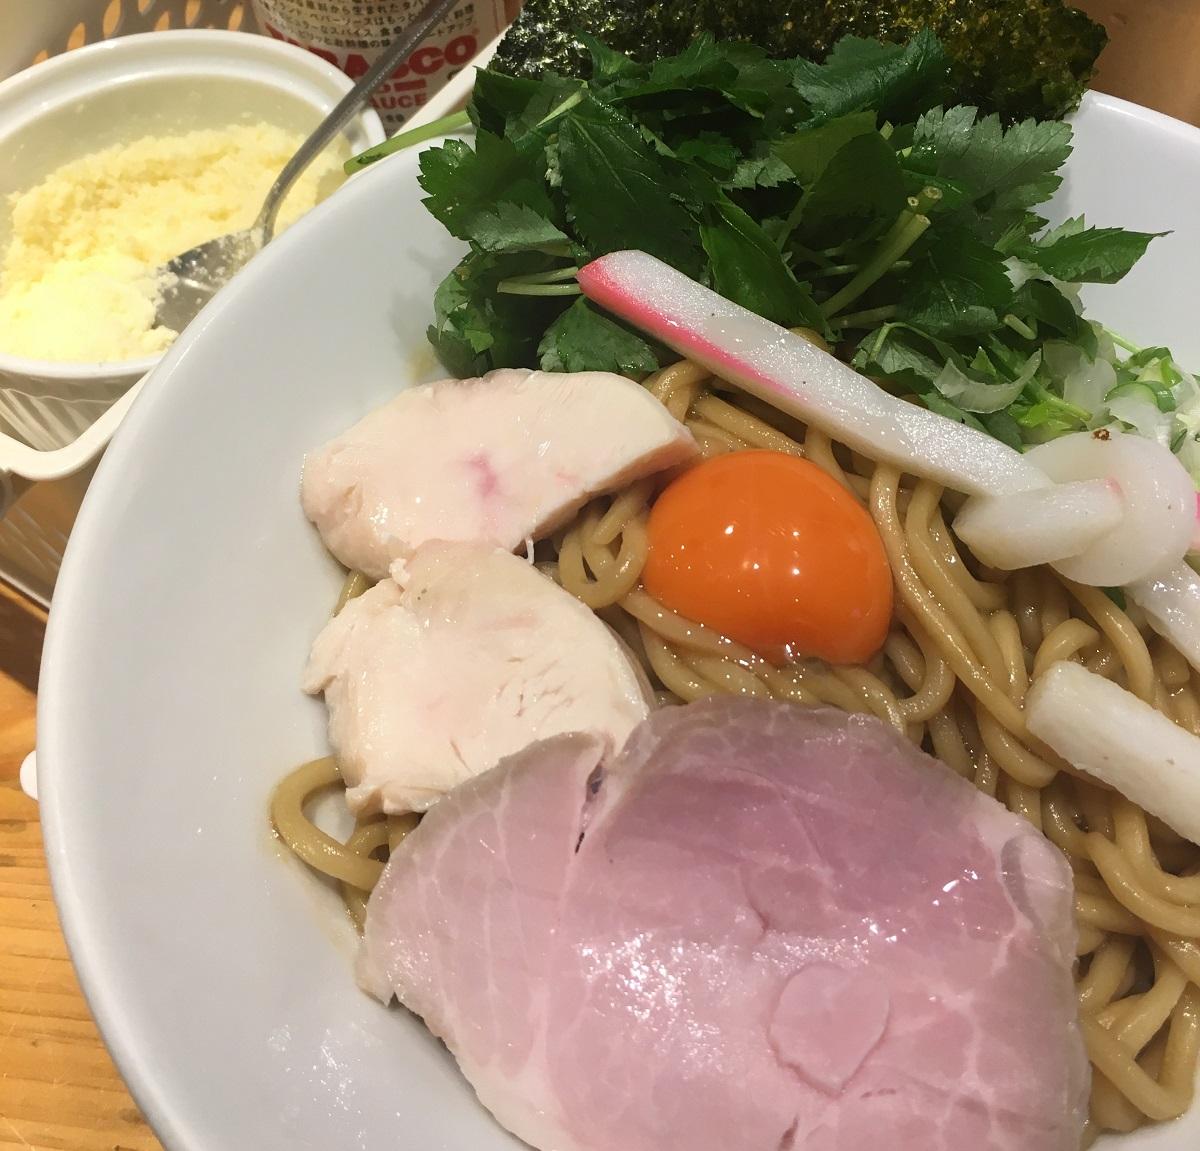 銀座【ギンザヌードル むぎとオリーブ】ミシュラン認定ラーメン店